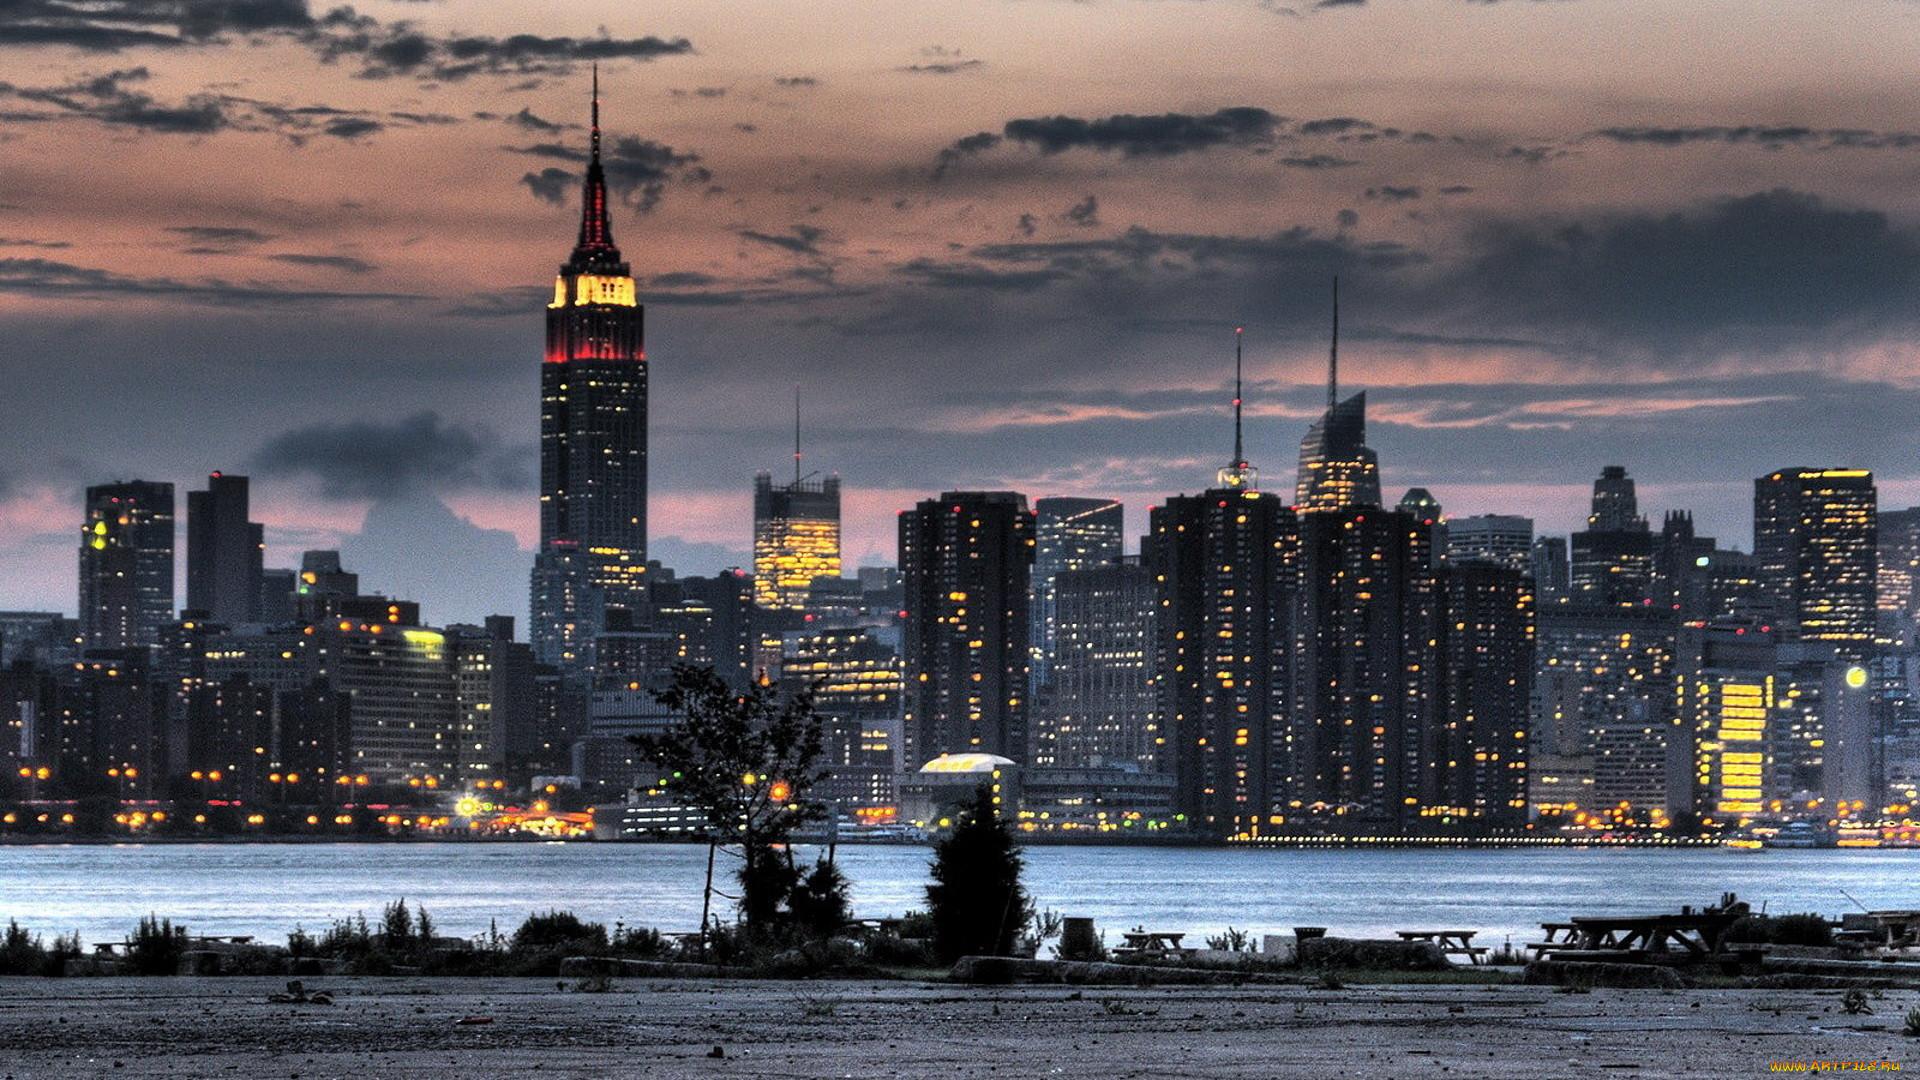 фотографии вечернего города оформлении чип-карты